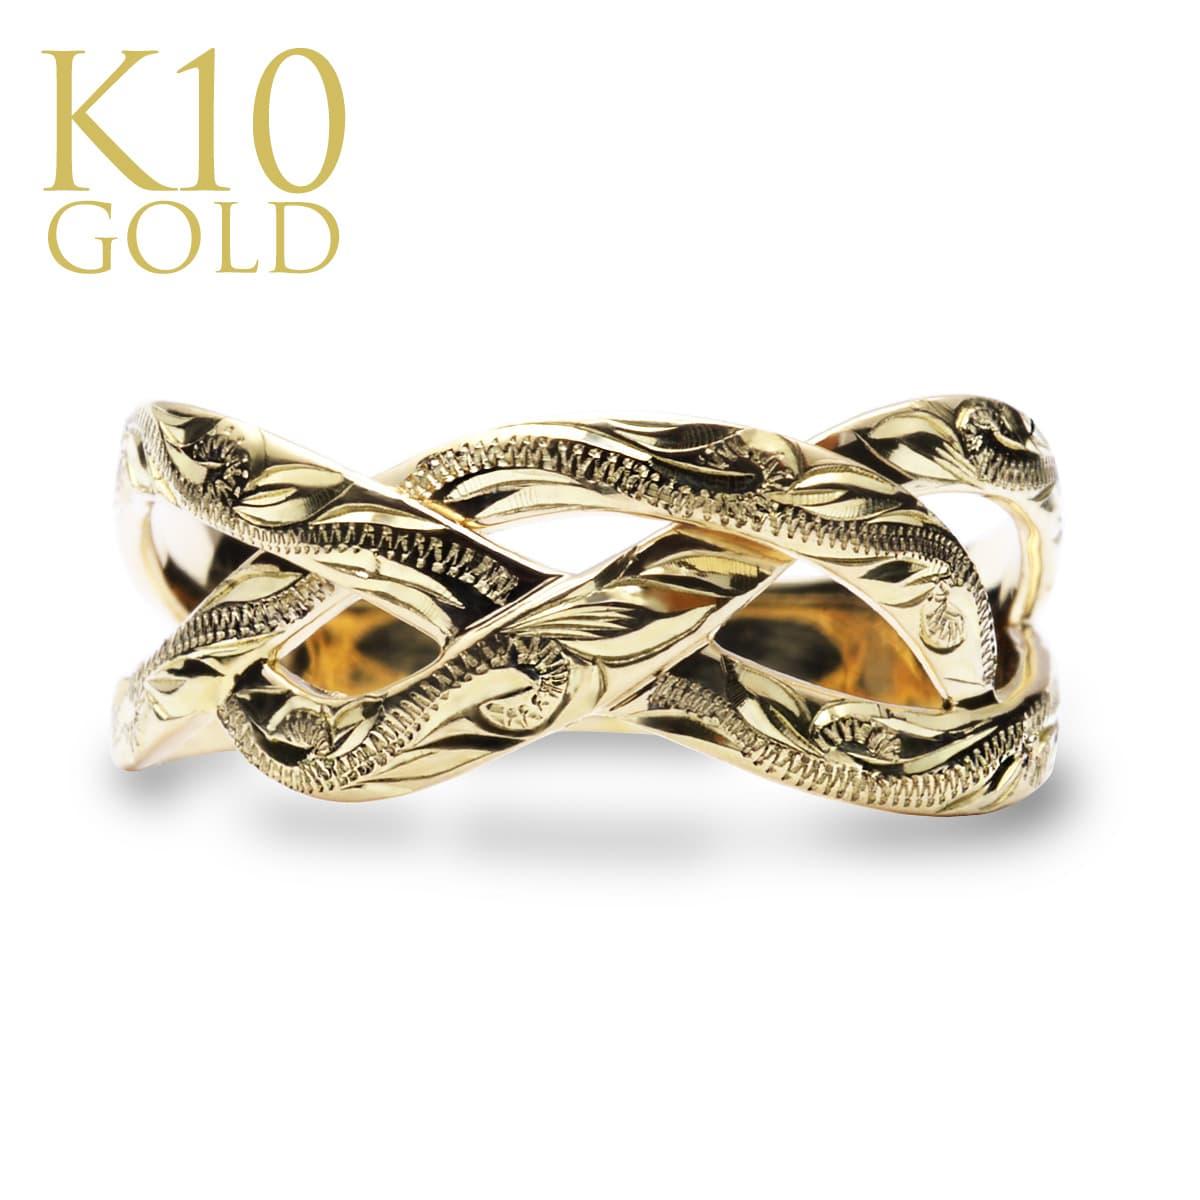 ハワイアンジュエリー リング 指輪 K10 ゴールド チェーンスクロール リング カイラ 10金 k10 ゴールド イエローゴールド 新作/ari1649k10